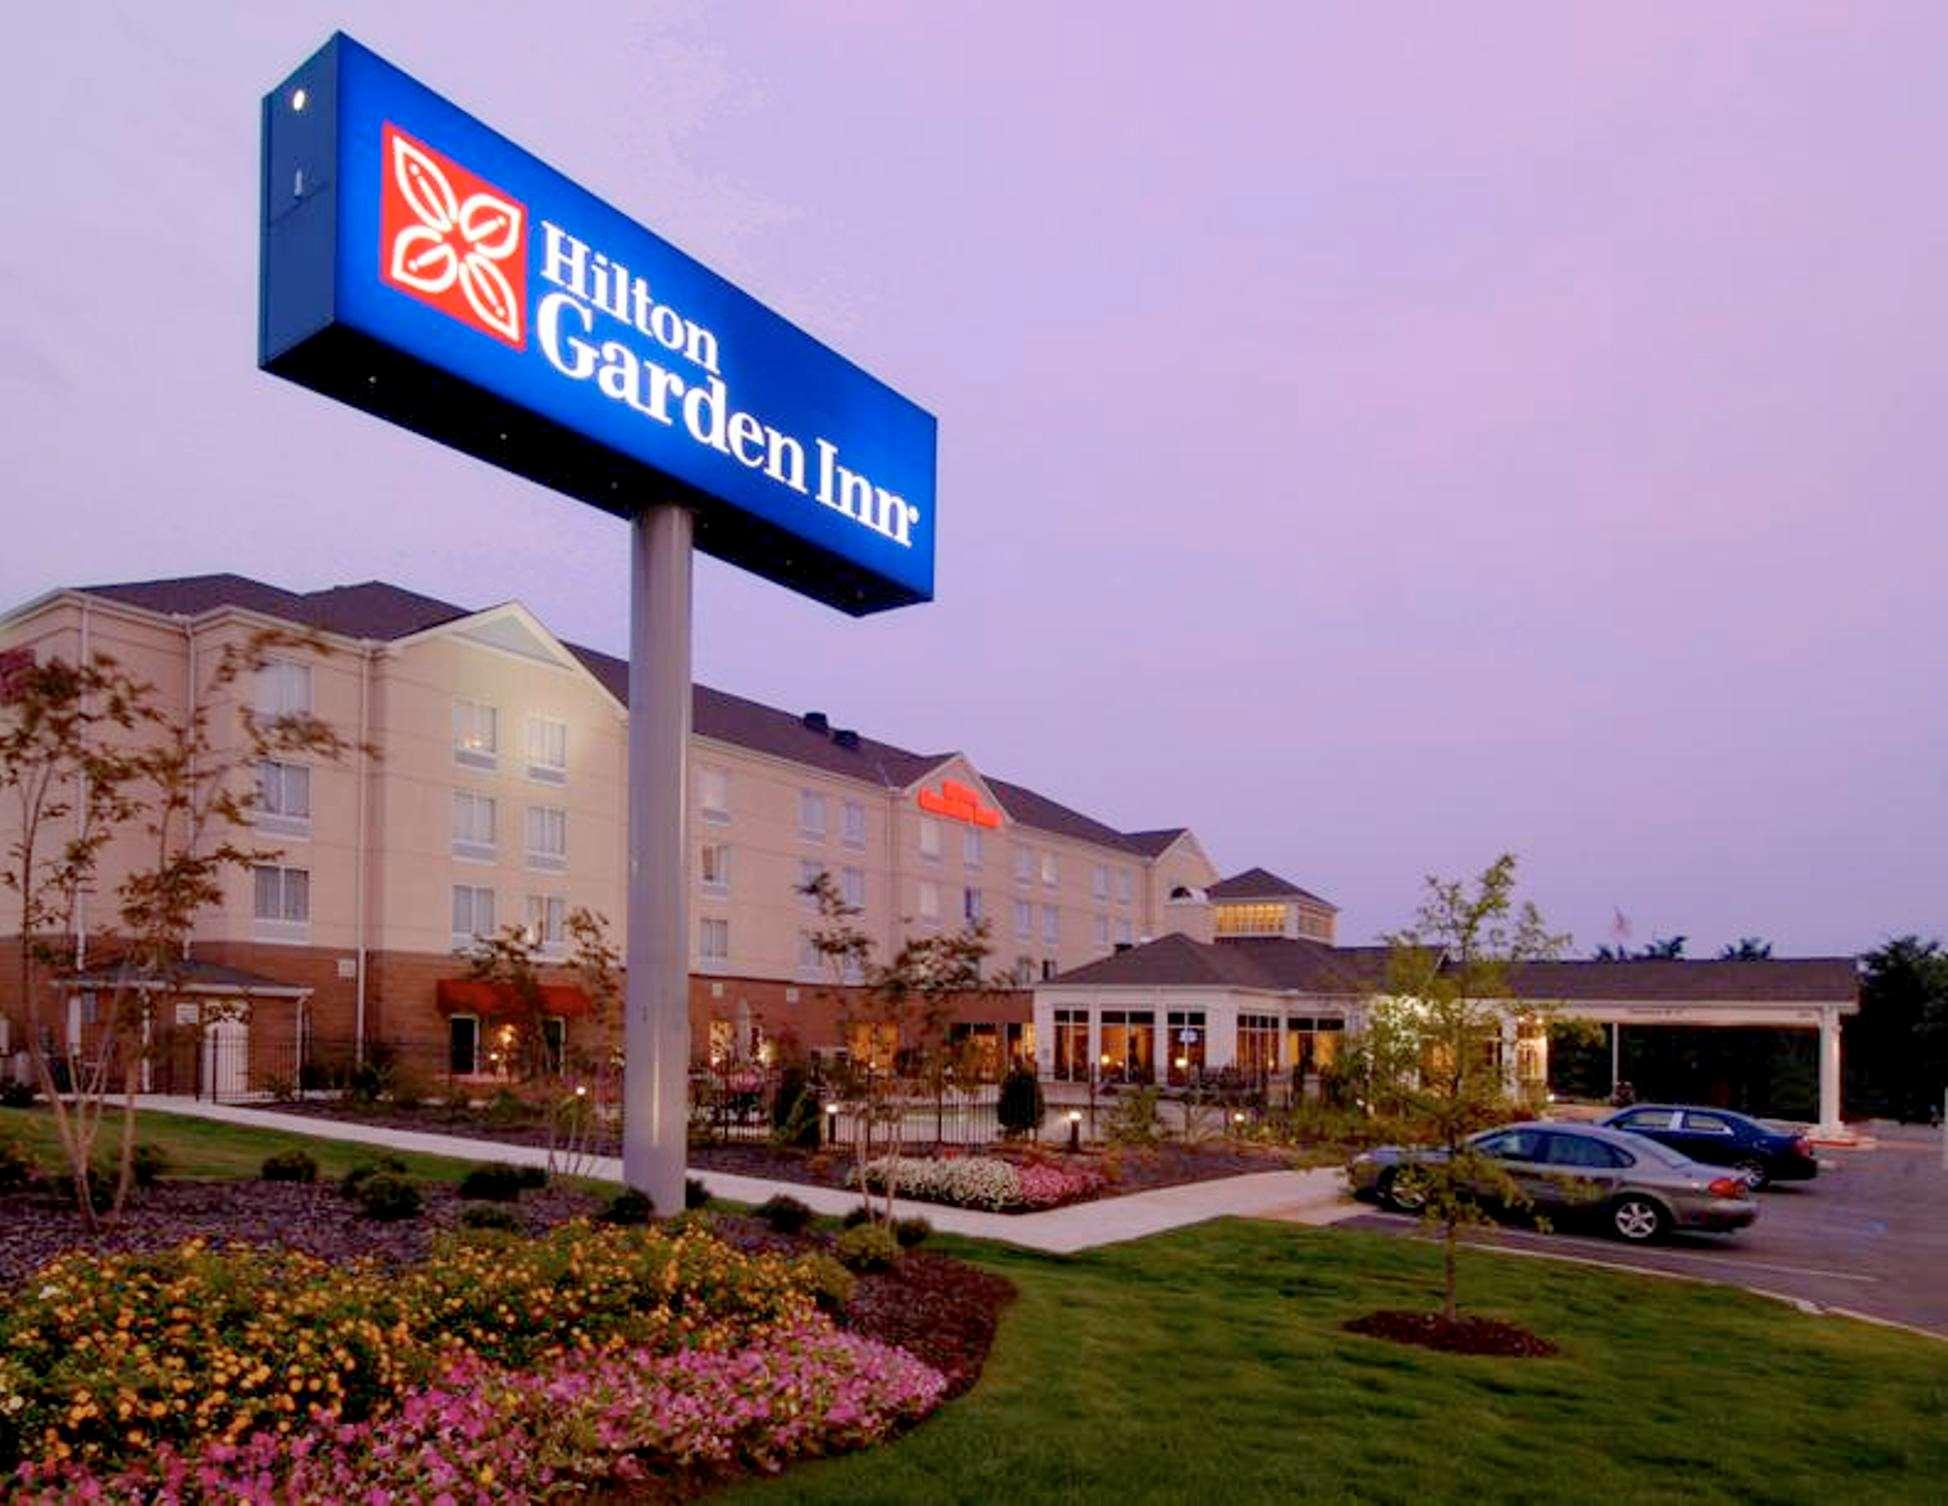 Hilton Garden Inn Huntsville/Space Center image 0